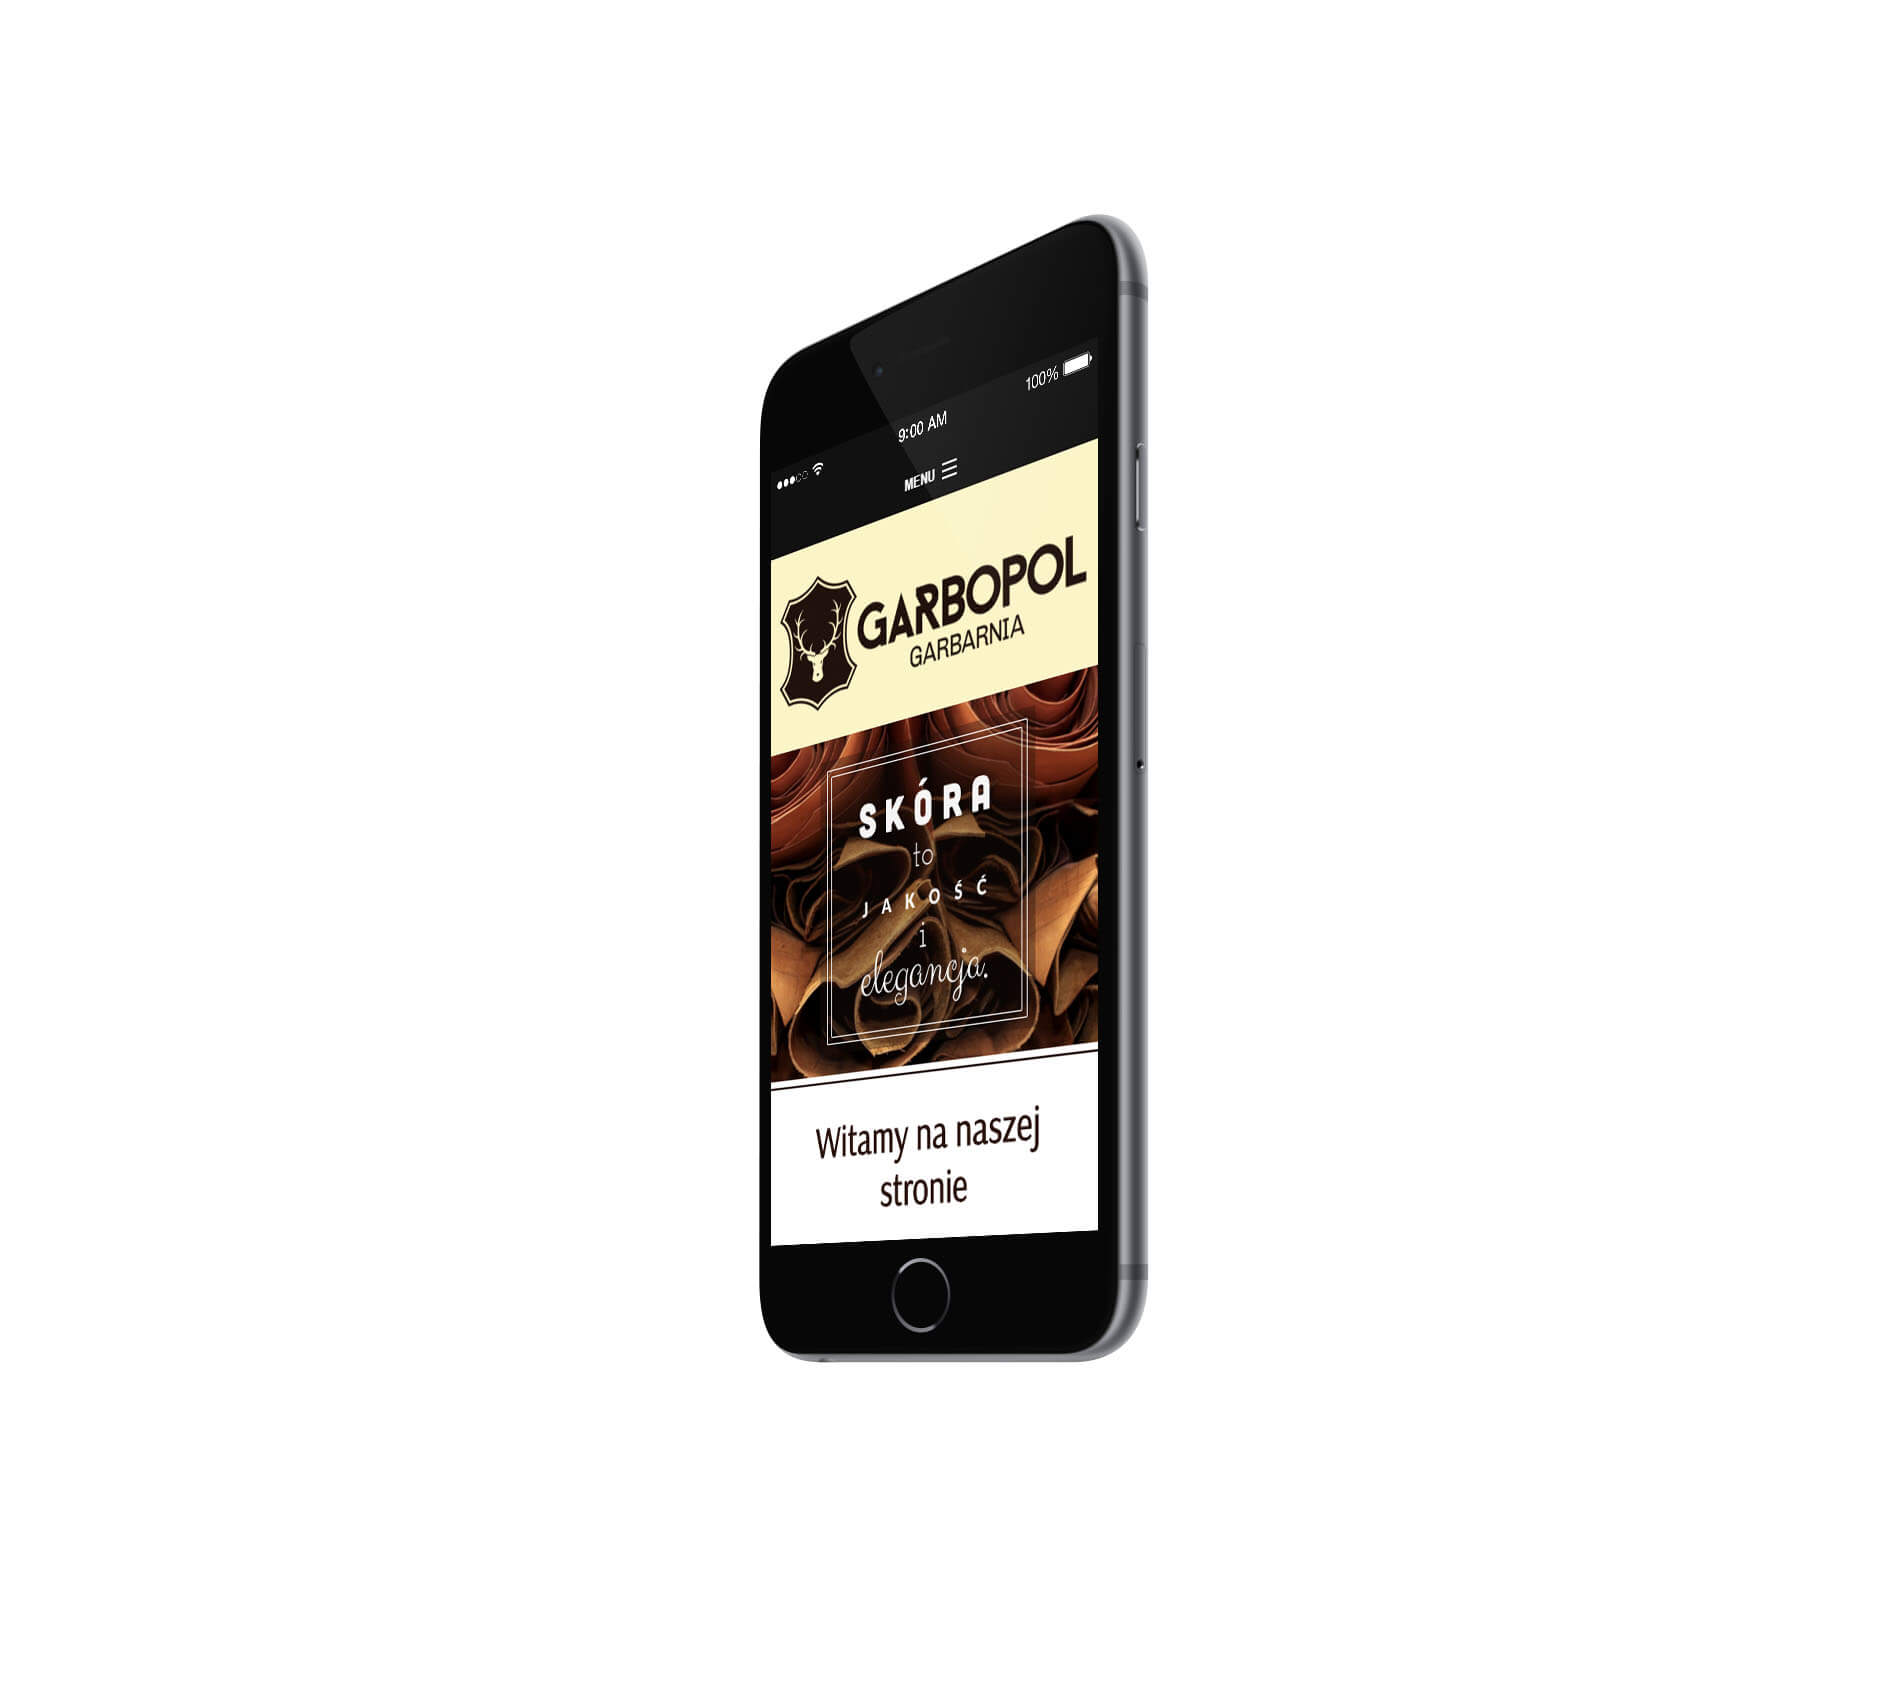 garbopol-iPhoneplus